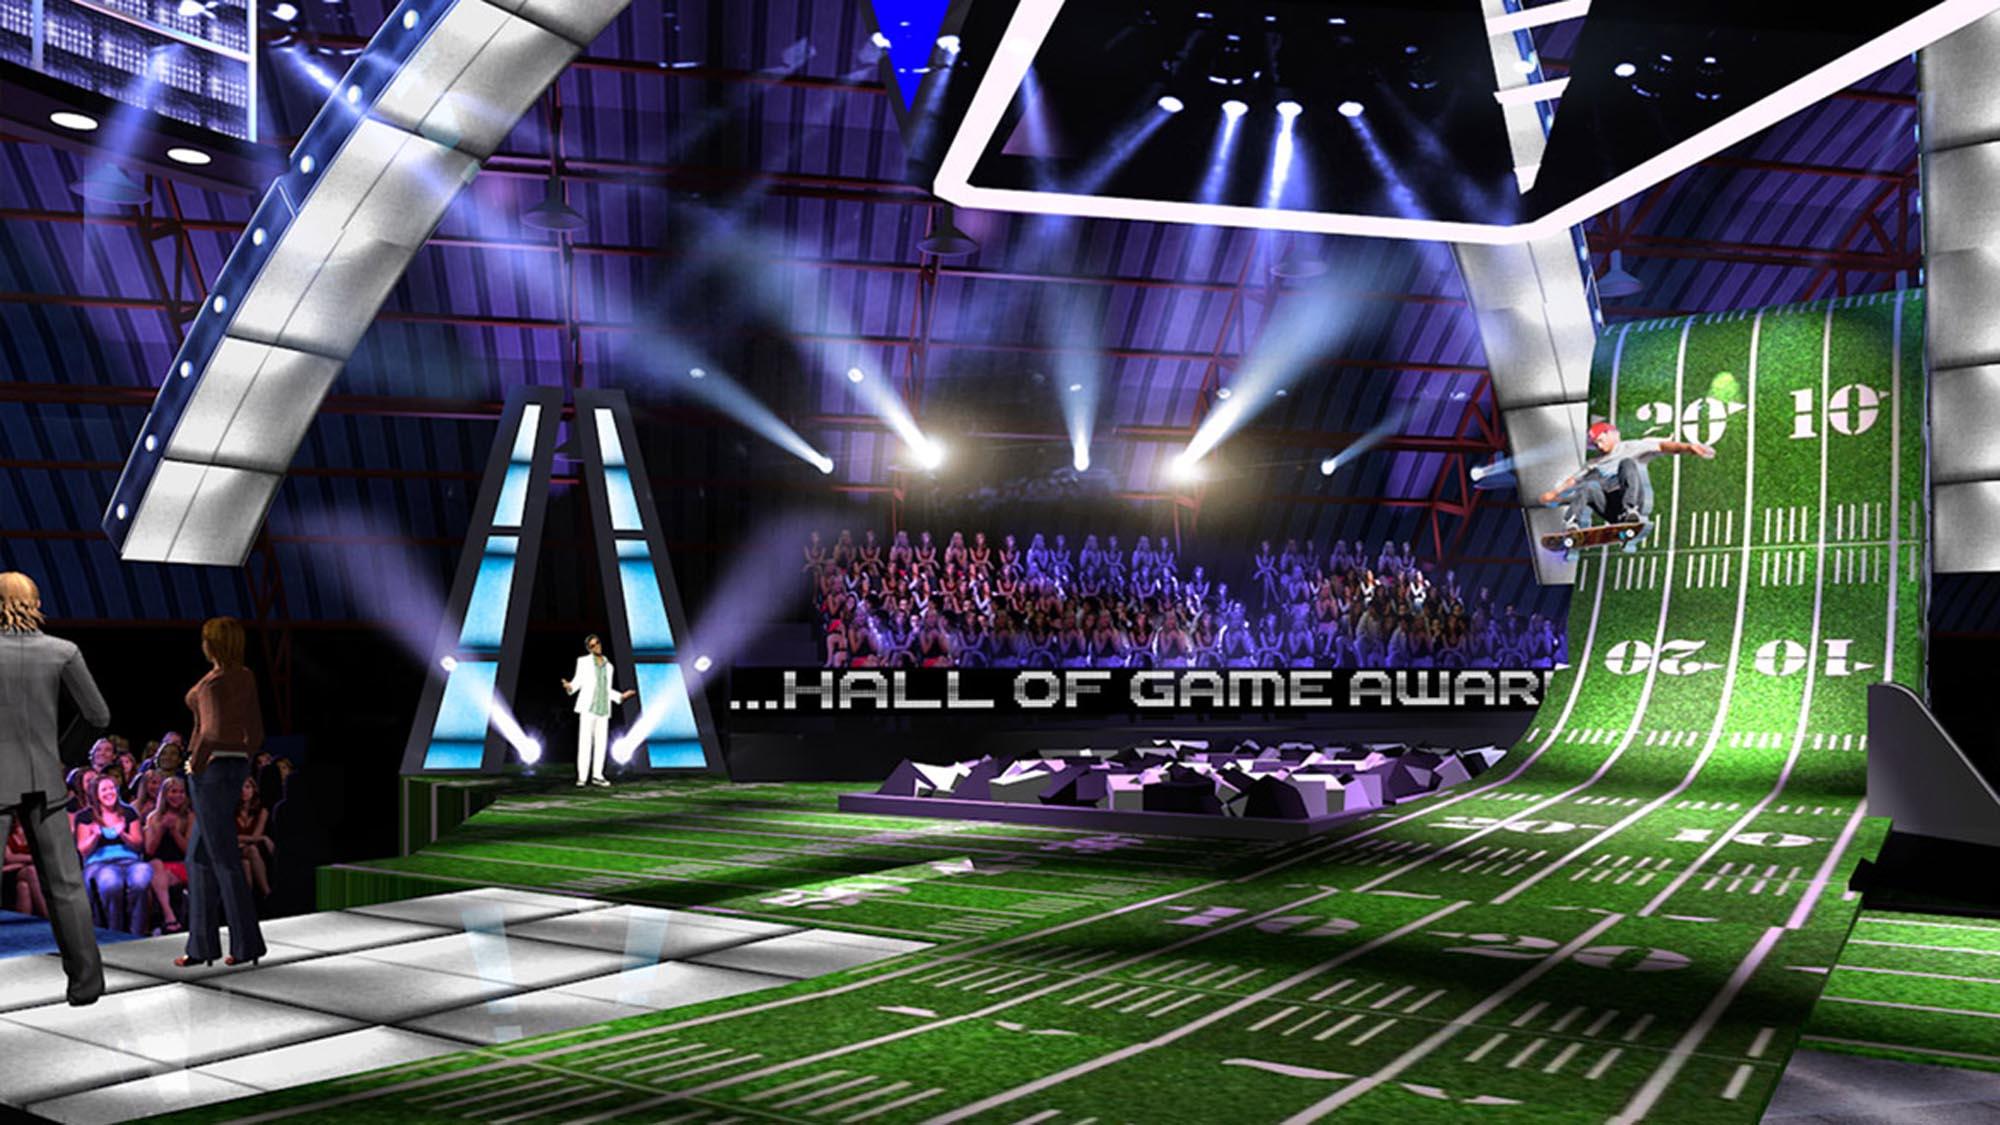 Hall of Game Shot3